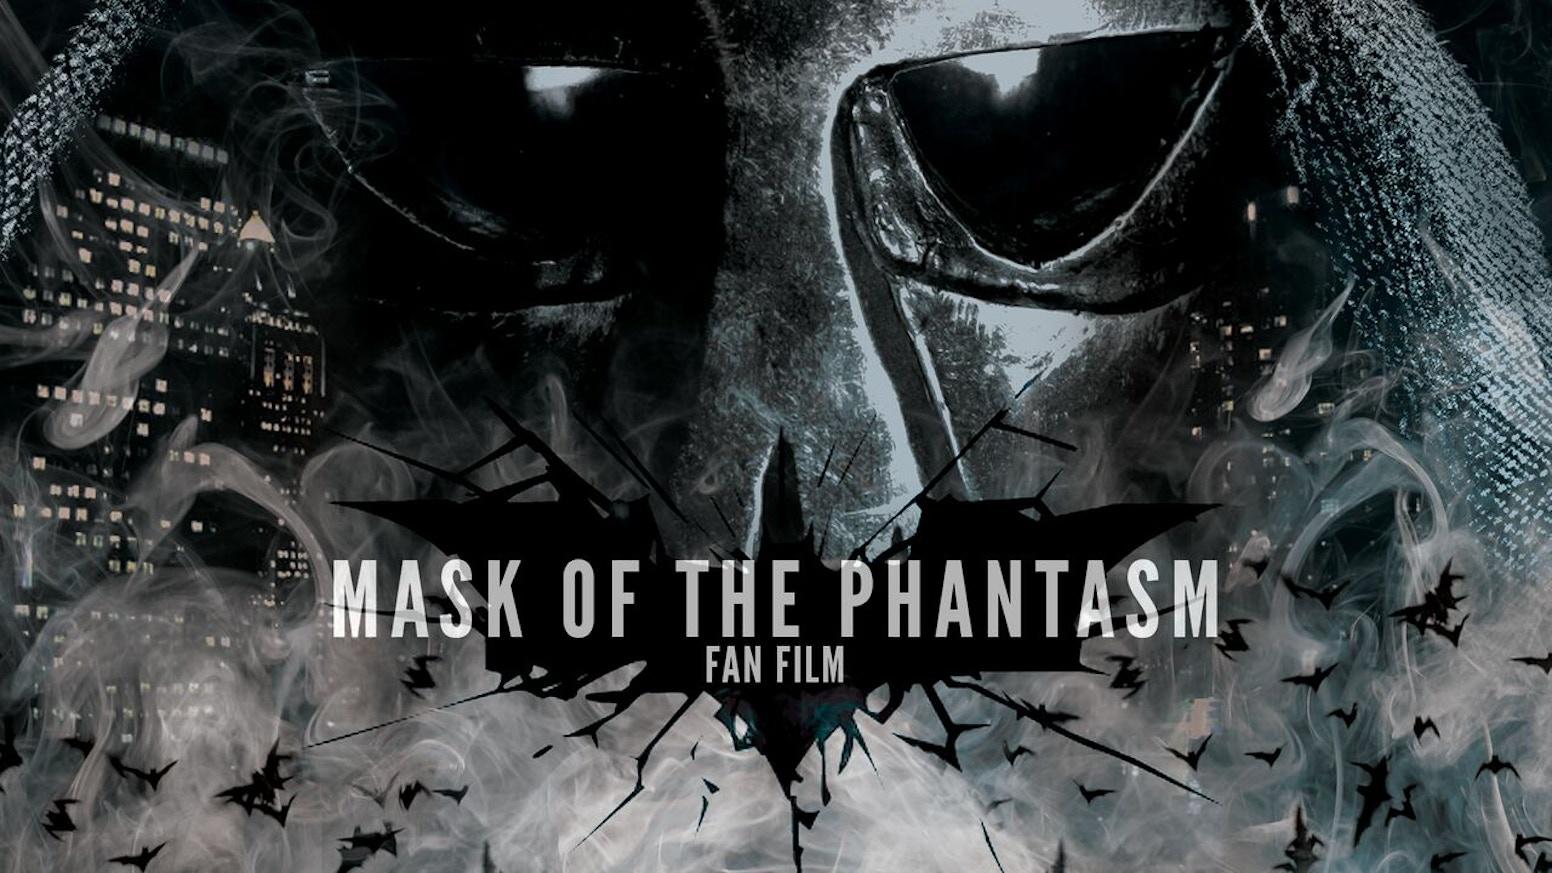 Batman: Mask of the Phantasm Fan Film by Spartan Digital